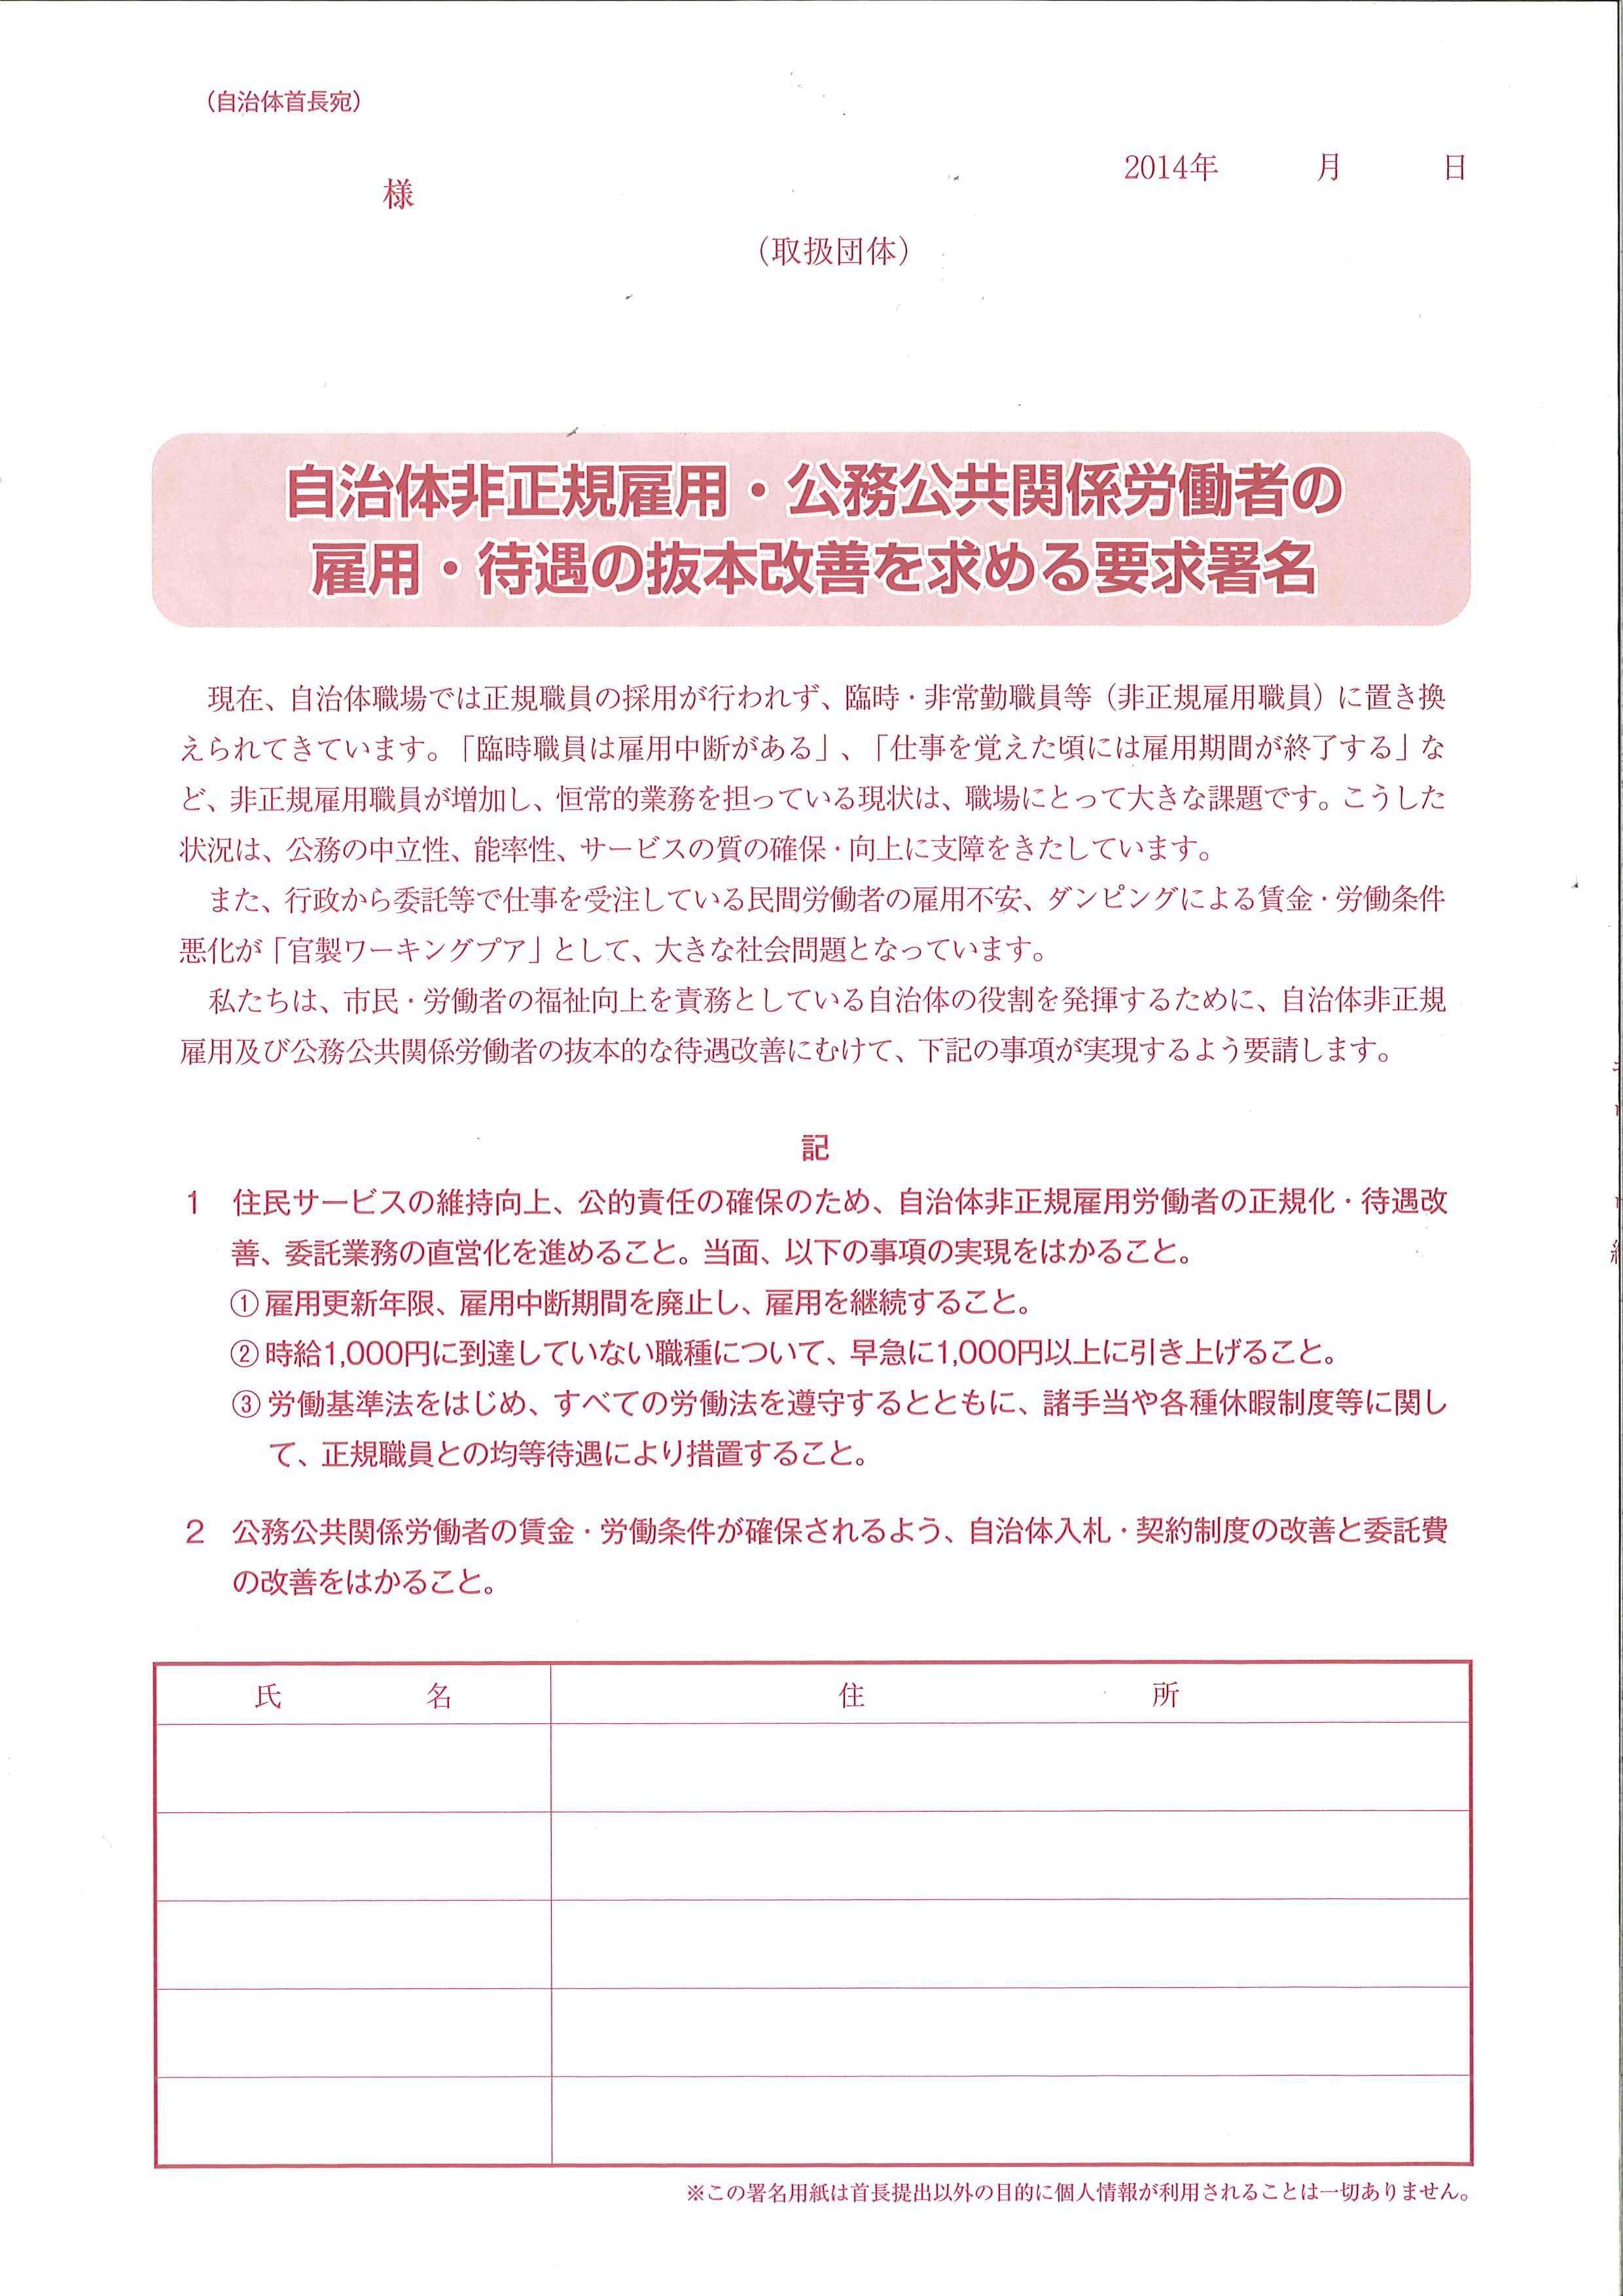 自治体非正規雇用・公務公共関係労働者の雇用・待遇の抜本改善を求める要求署名